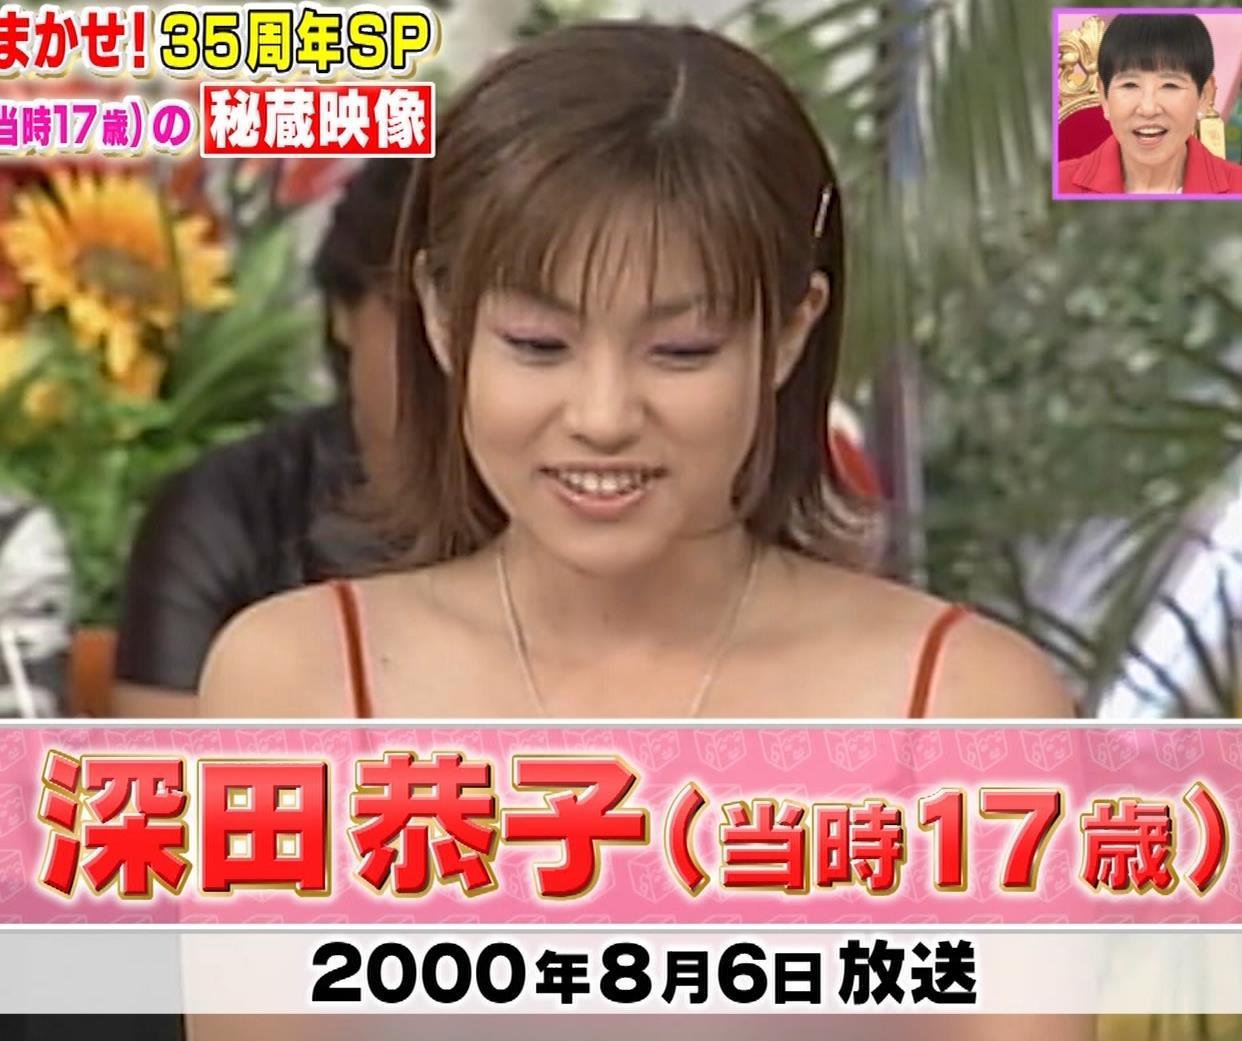 深田恭子 20年前のエロいキャミソール姿キャプ・エロ画像2